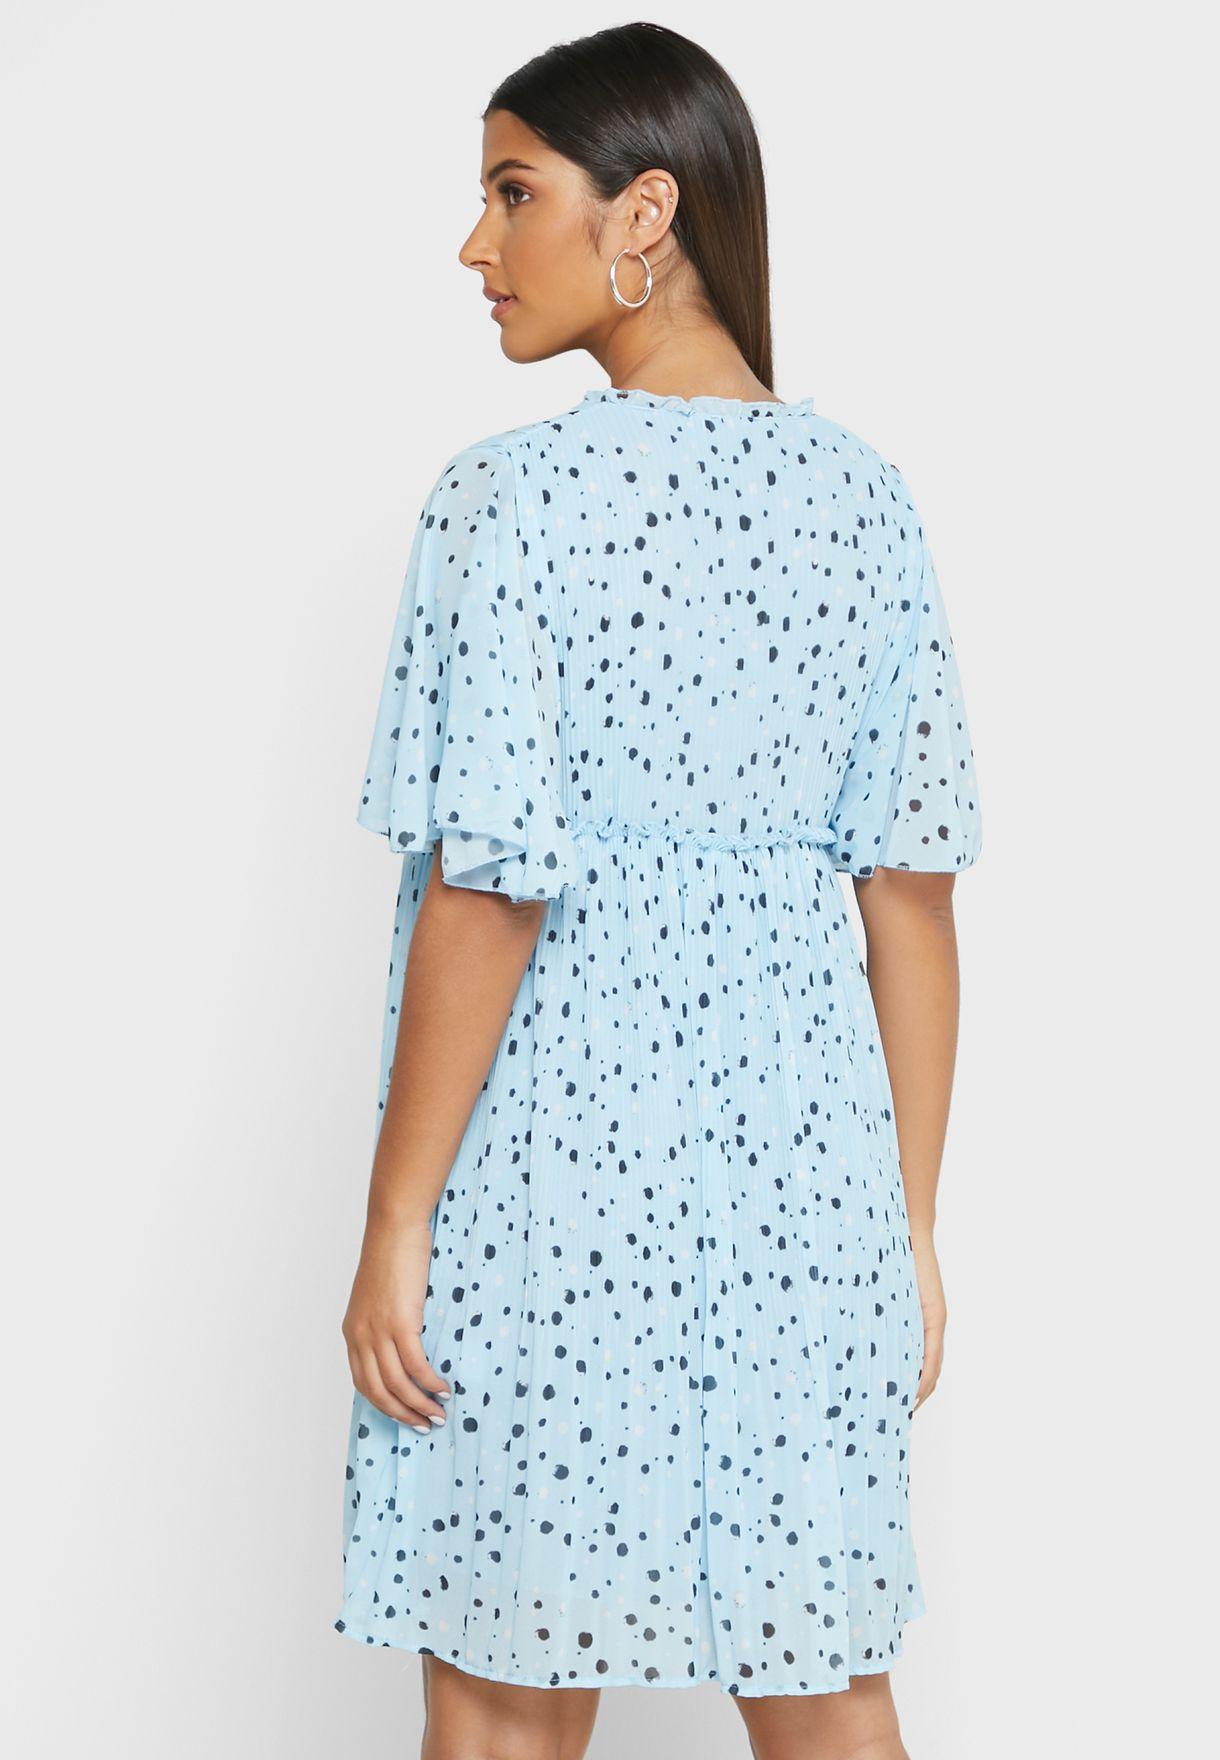 فستان ميني بطباعة نقاط